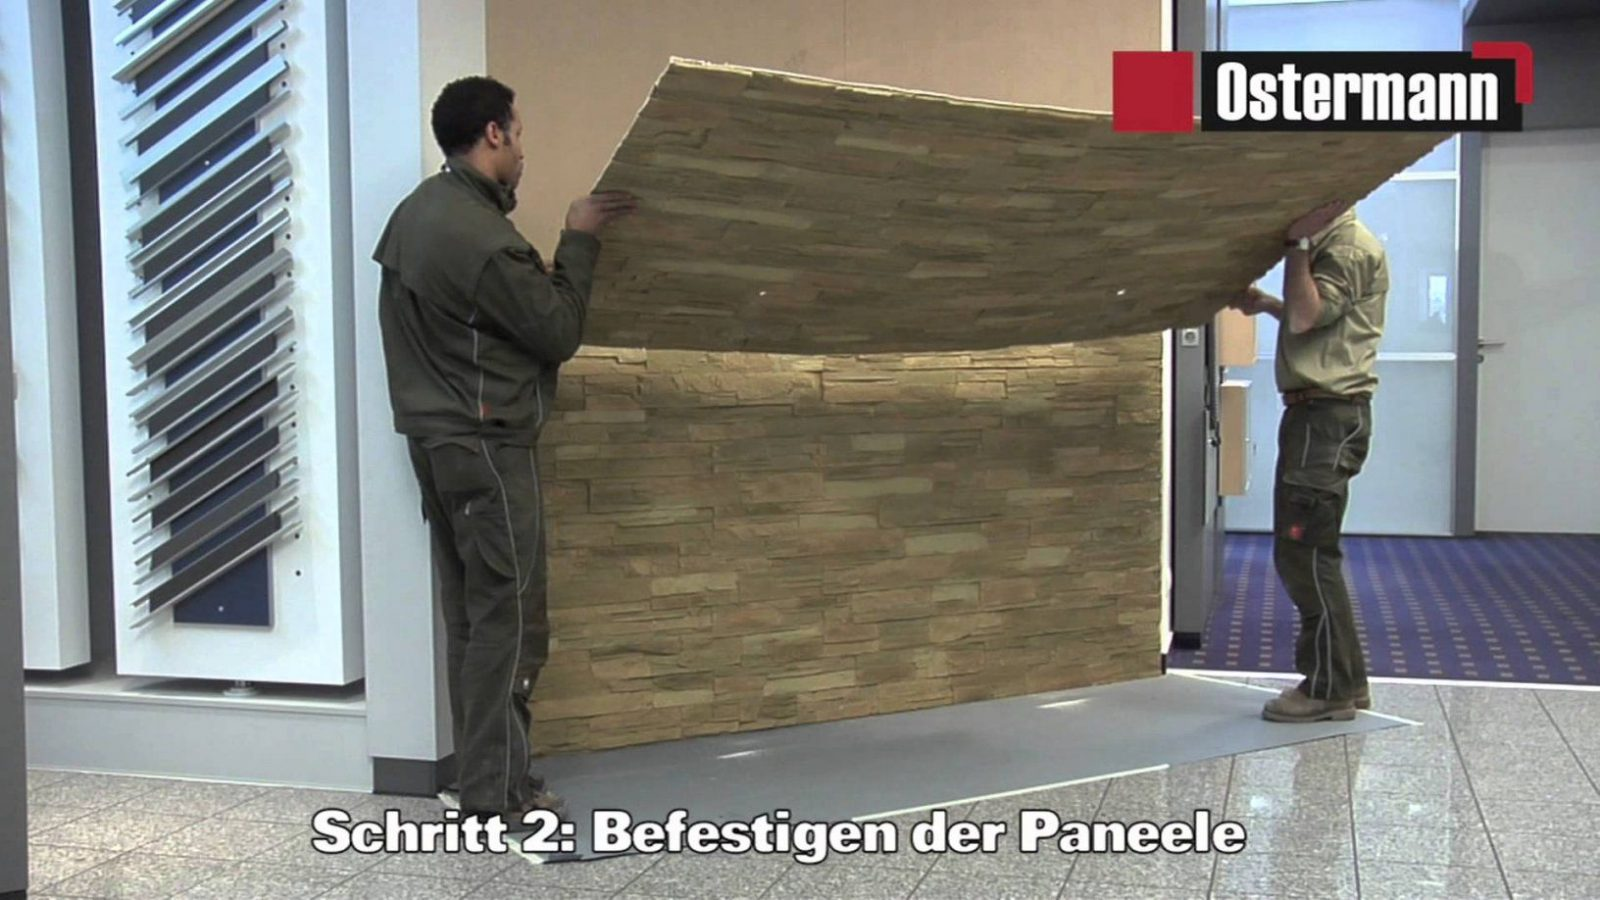 Ostermann  Gfksteinpaneele  Verarbeitungsvideo  Youtube von Wandverkleidung Steinoptik Innen Kunststoff Bild